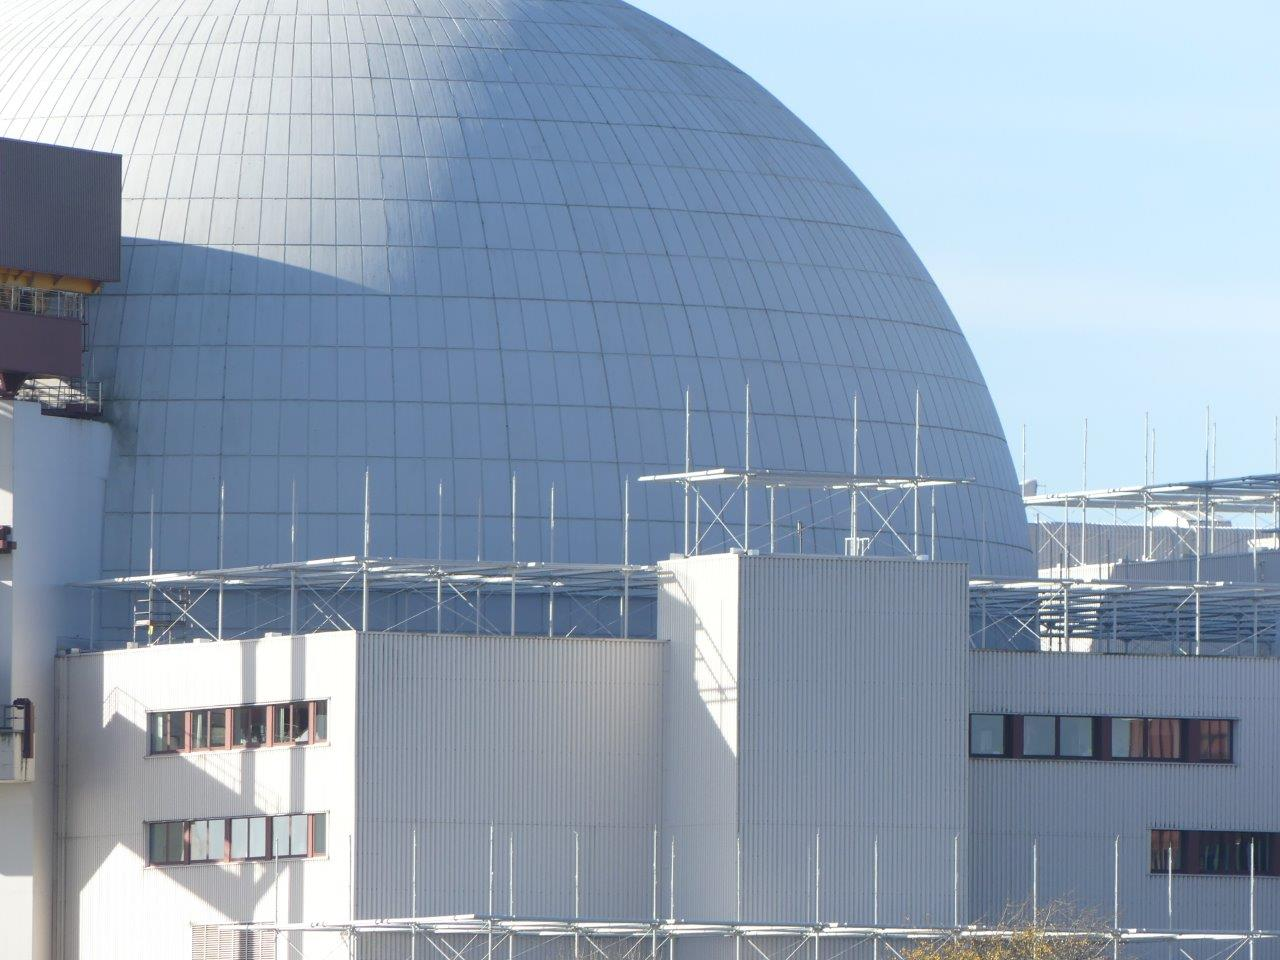 Nukleare Terrorbekämpfung: Unter Ausschluss der Öffentlichkeit – Demokratische Bedrohung